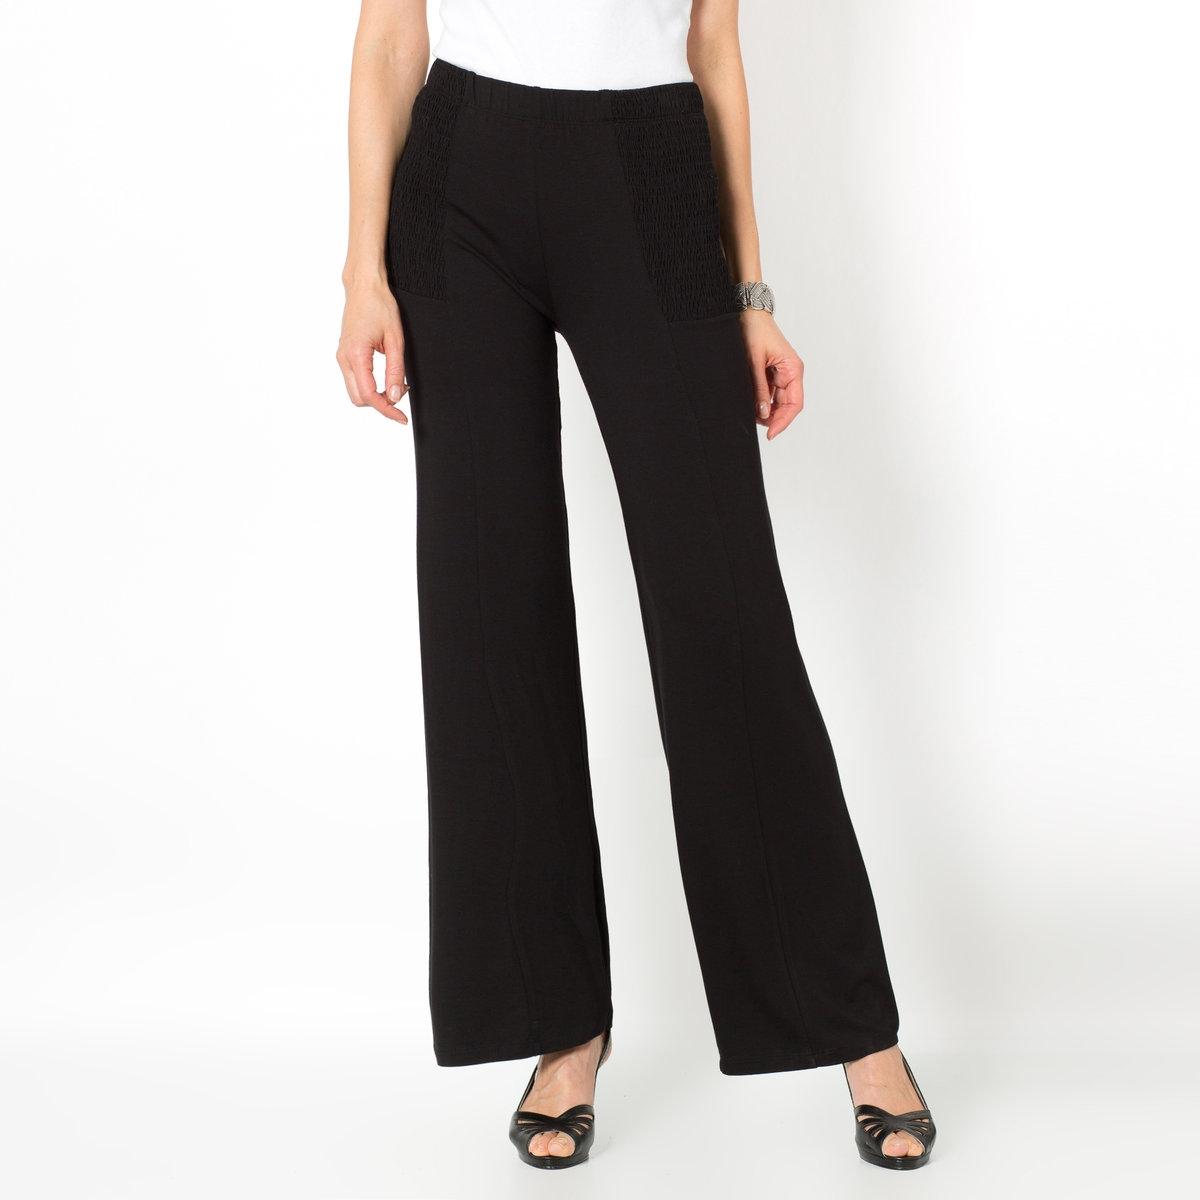 Брюки широкие из струящегося трикотажаШирокие брюки. Комфортный эластичный пояс со складками и струящийся трикотаж. Длина по внутр.шву 79 см, ширина по низу 25 см. Трикотаж, 95% вискозы, 5% эластана.<br><br>Цвет: черный<br>Размер: 44 (FR) - 50 (RUS)